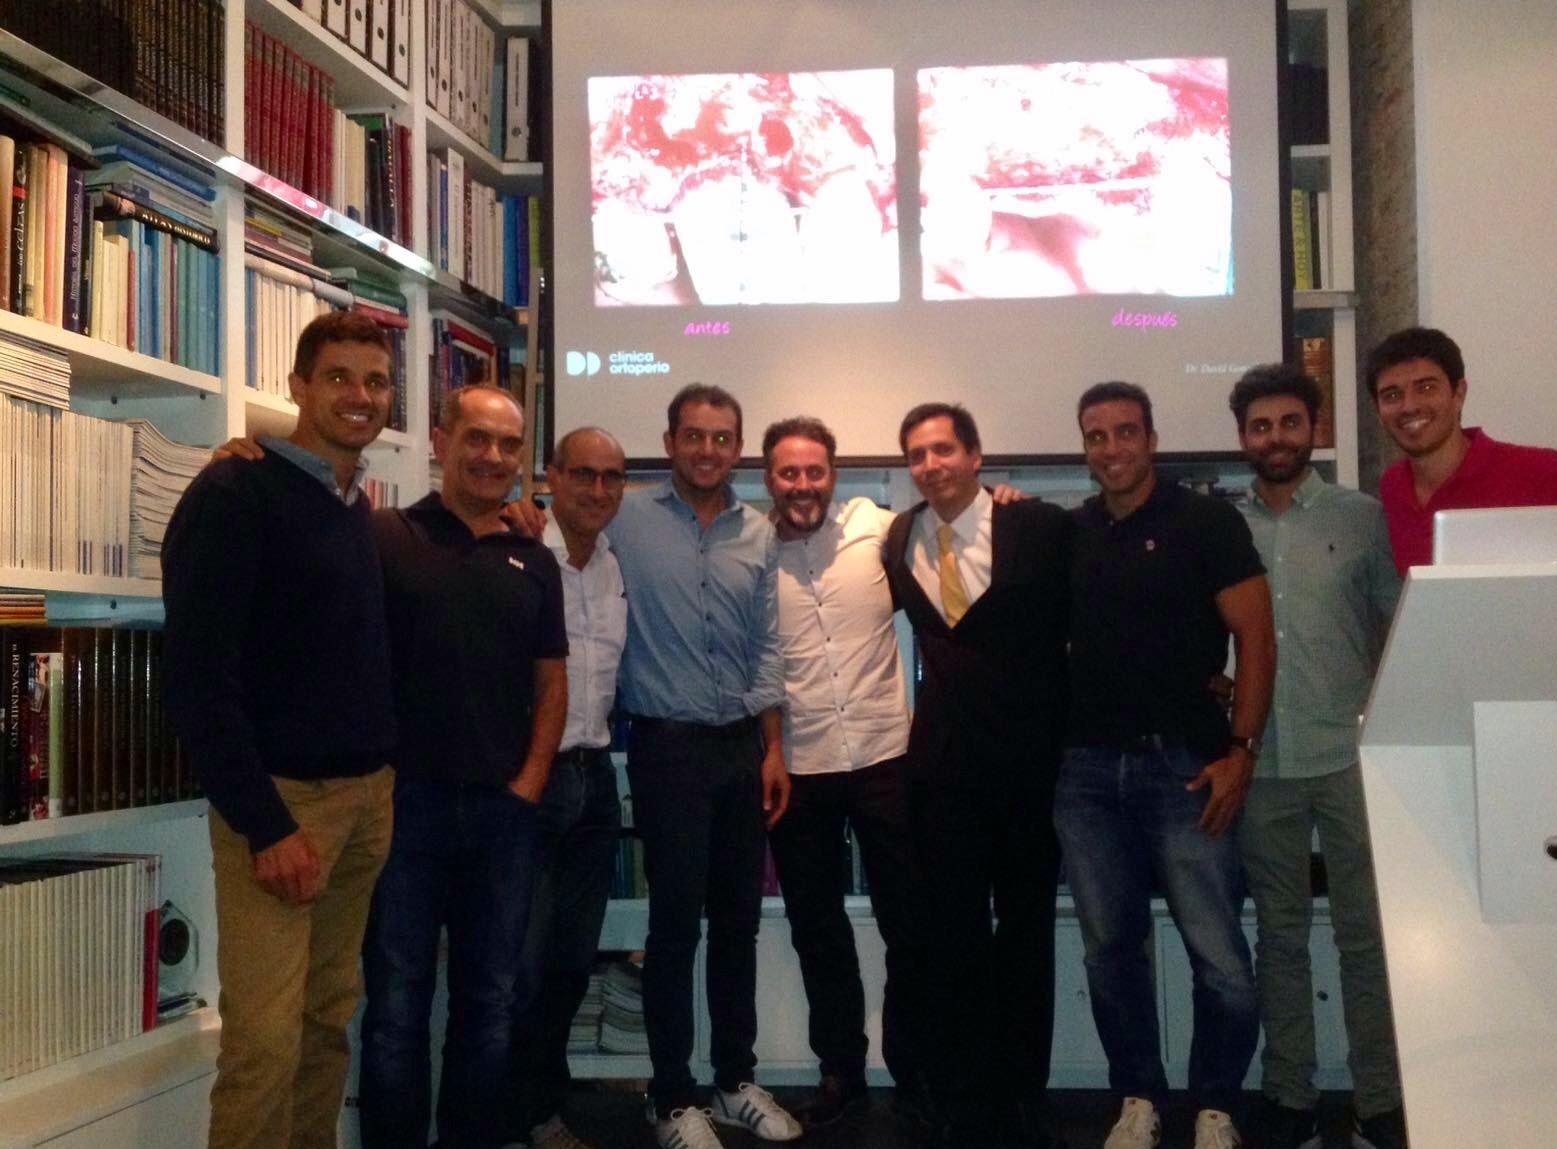 Compartiendo conocimientos de ROG 3D en el ITI Study Club de Málaga 1